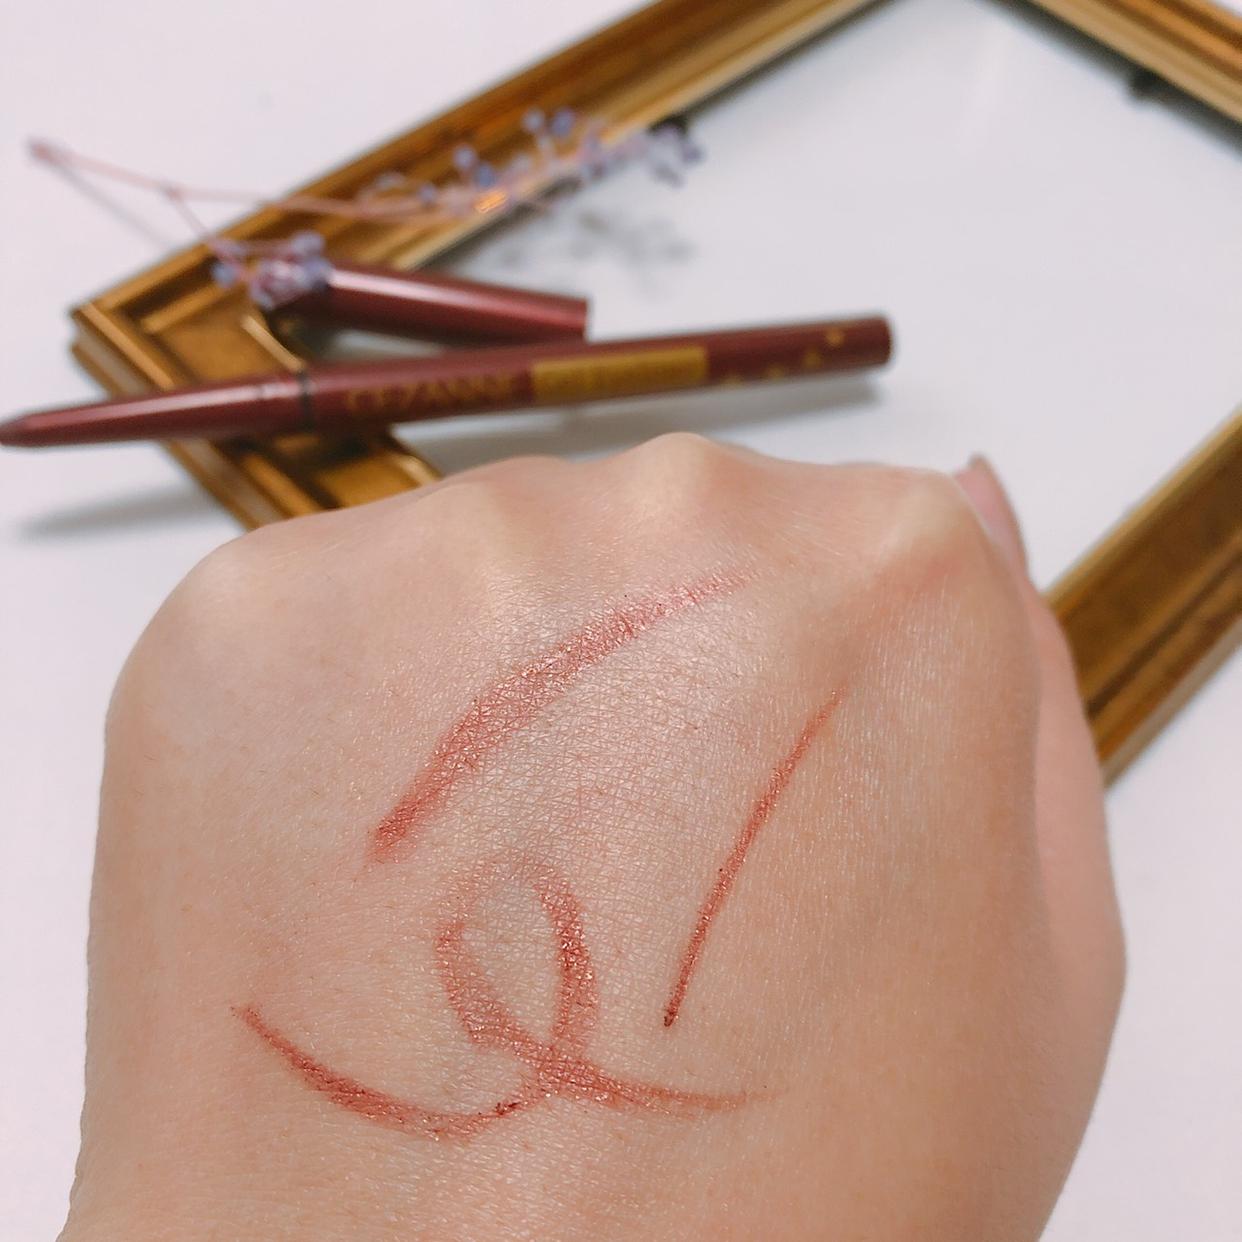 CEZANNE(セザンヌ) ジェルアイライナーを使ったおやついりこさんのクチコミ画像2